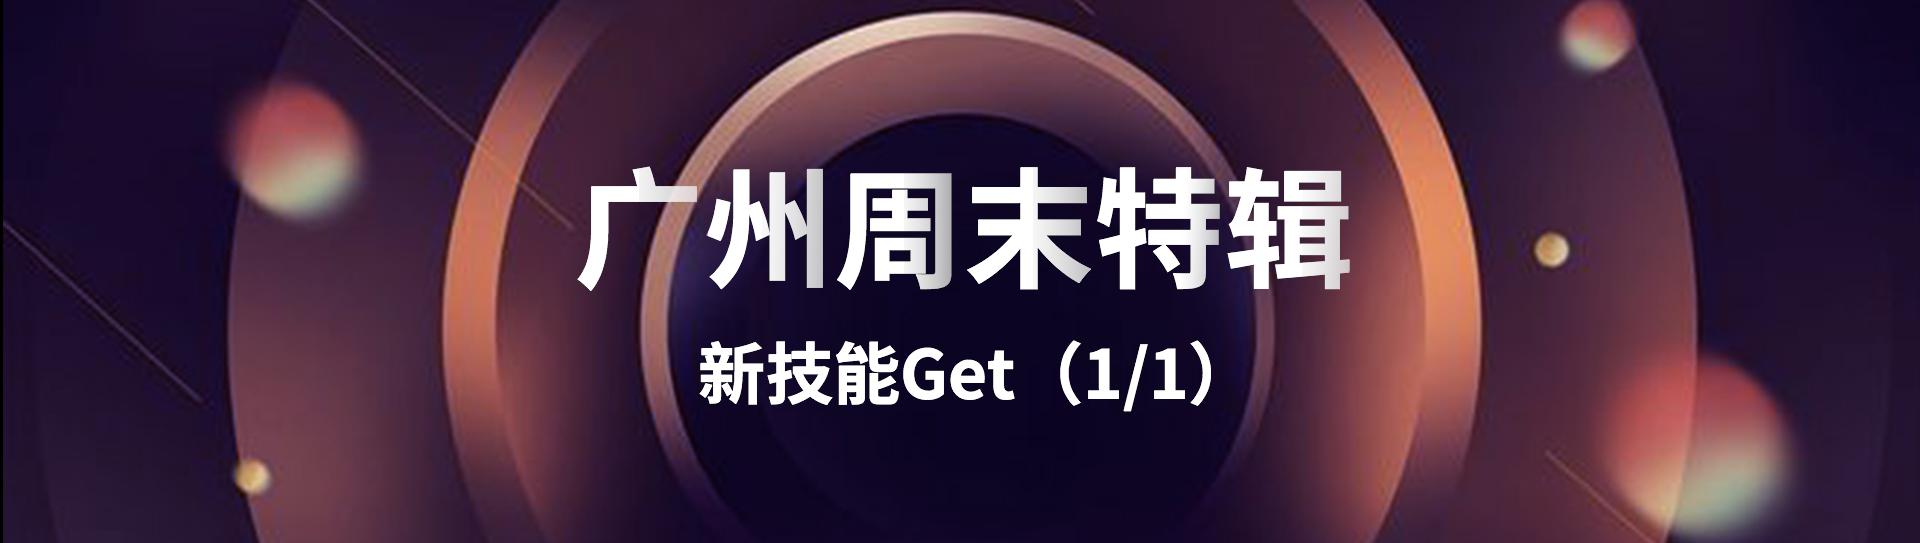 广州周末特辑 新技能GET(1/1)